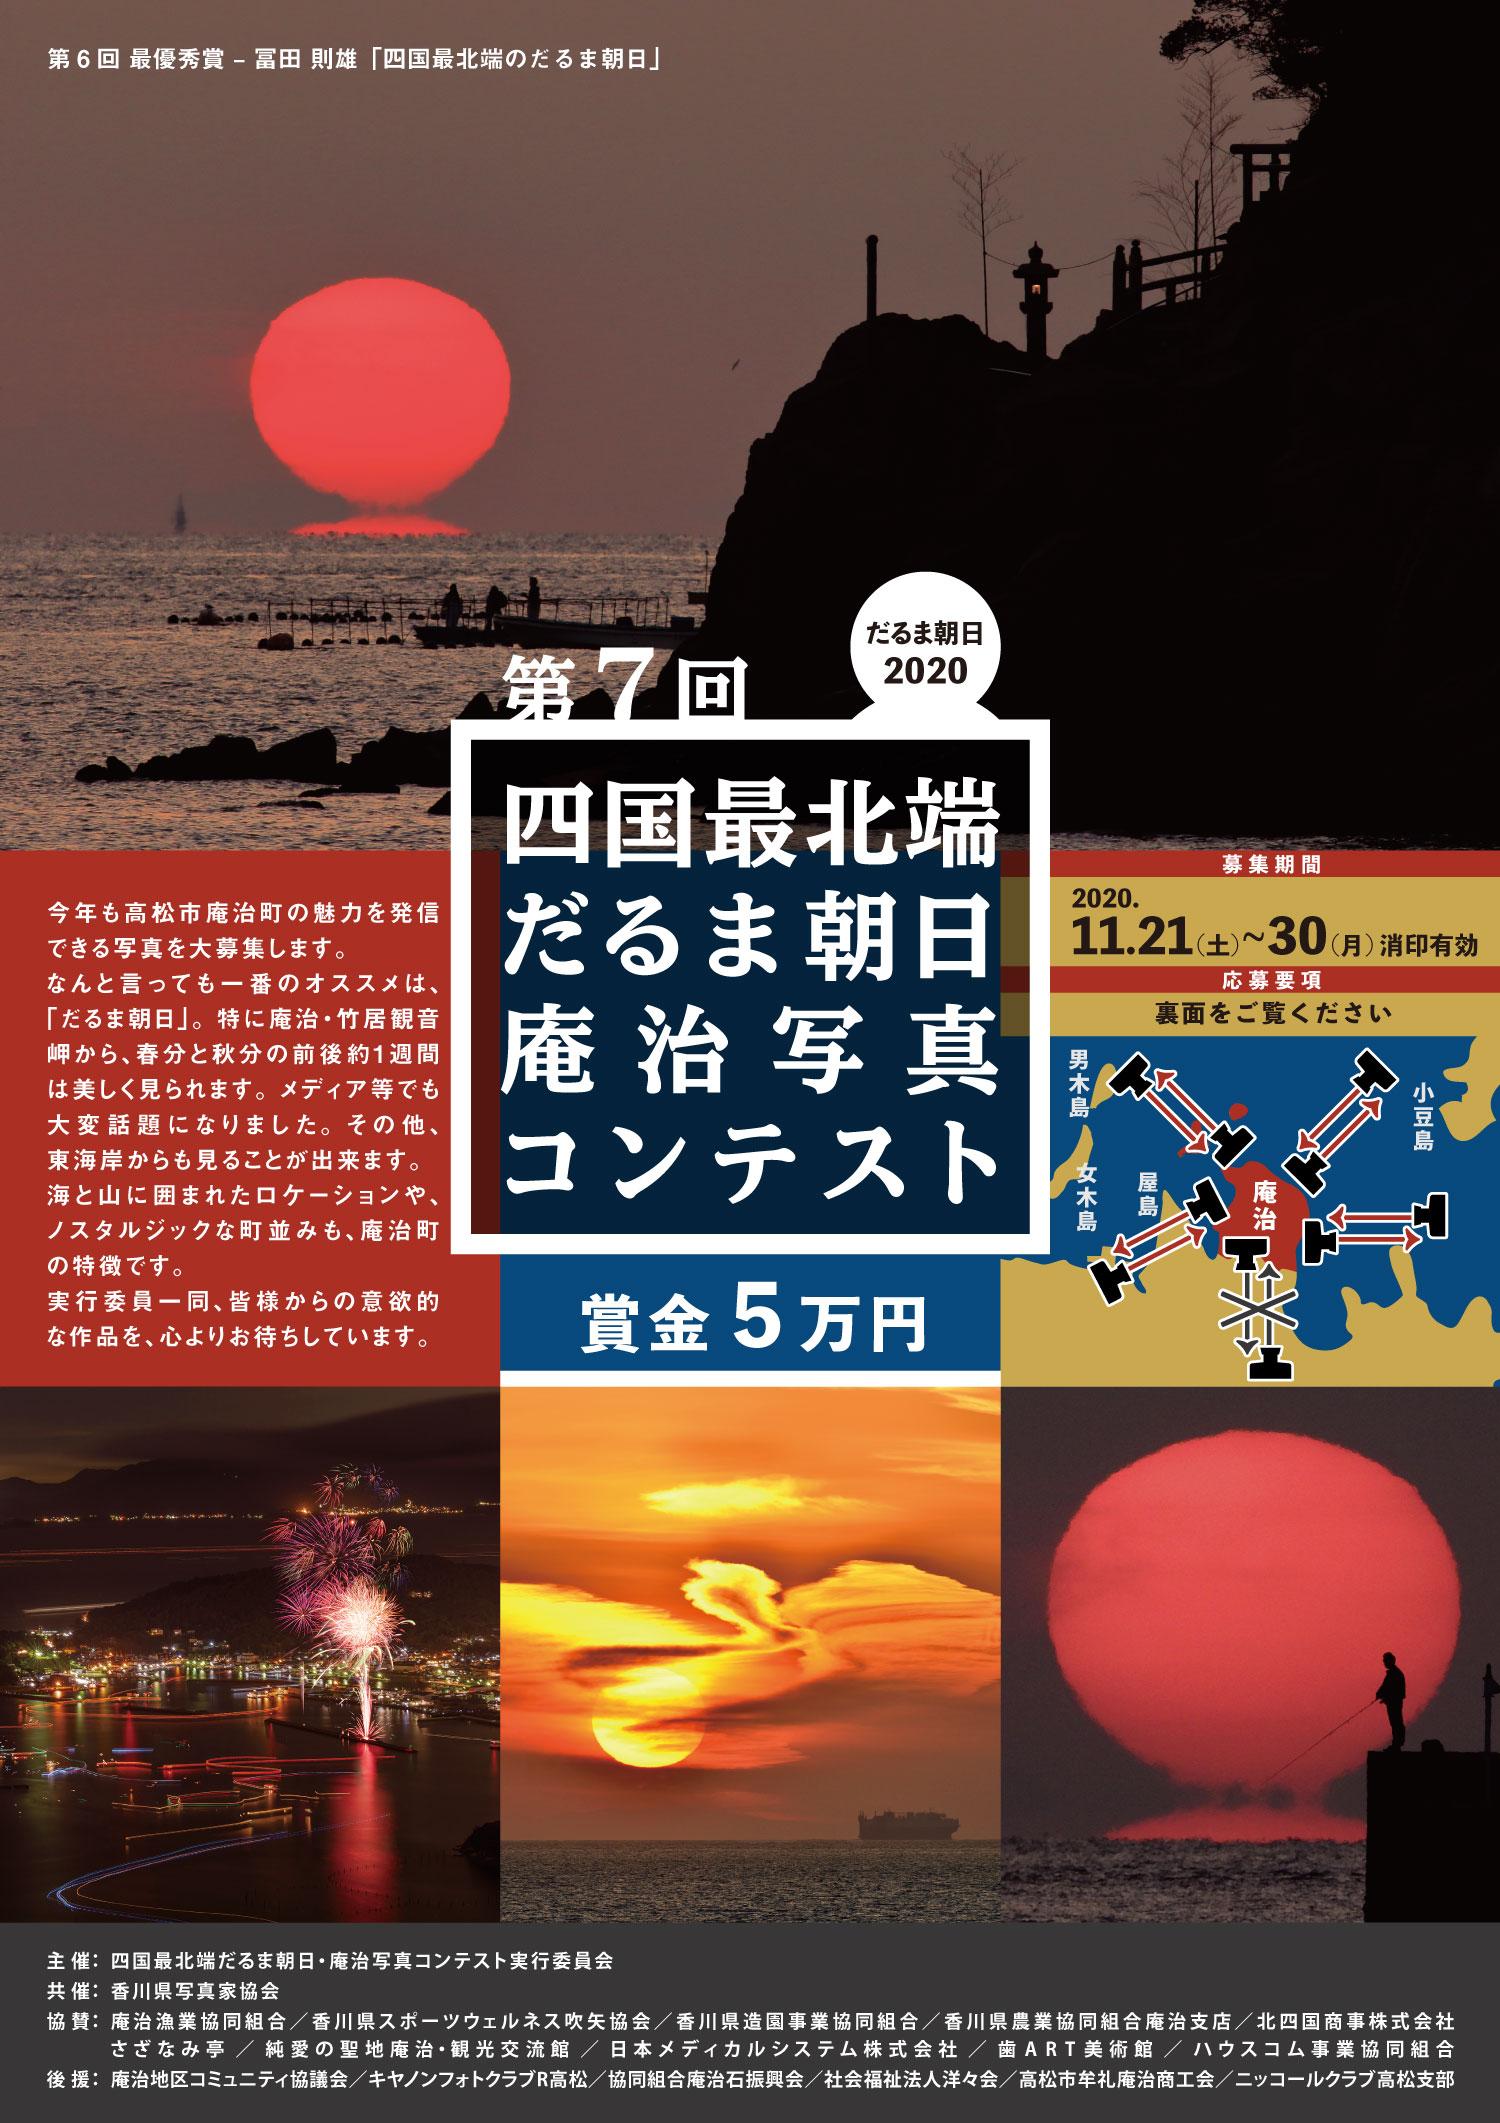 第7回(2020年度) 四国最北端だるま朝日・庵治写真コンテスト 応募要項 表